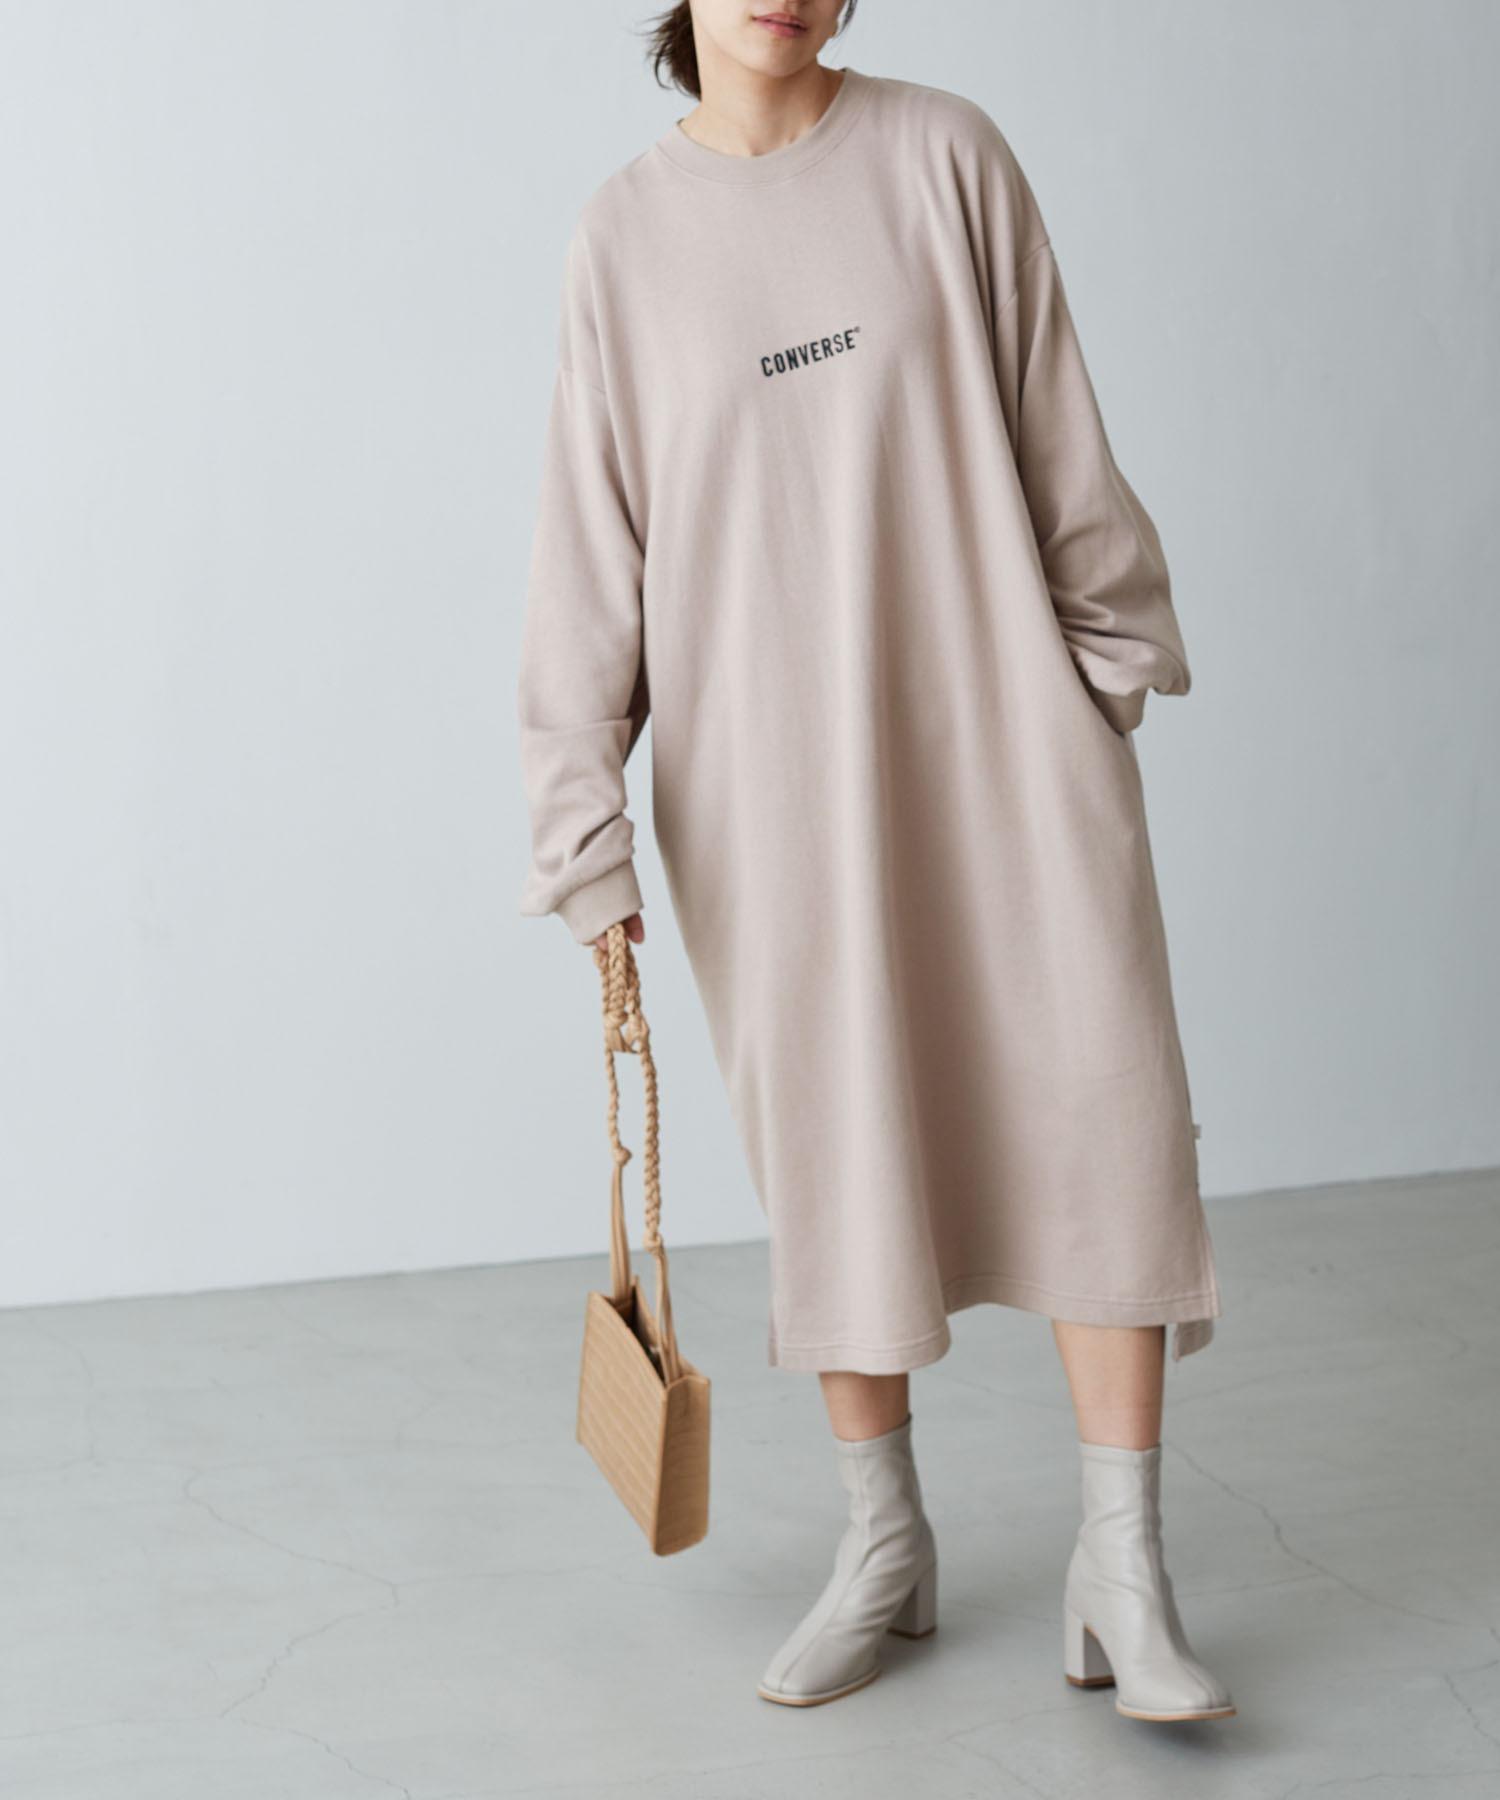 CONVERSE/コンバース Chaco closet 別注 限定 フロント刺繍 バルーンスリーブ ポケット付き サイドスリット スウェットロングワンピース